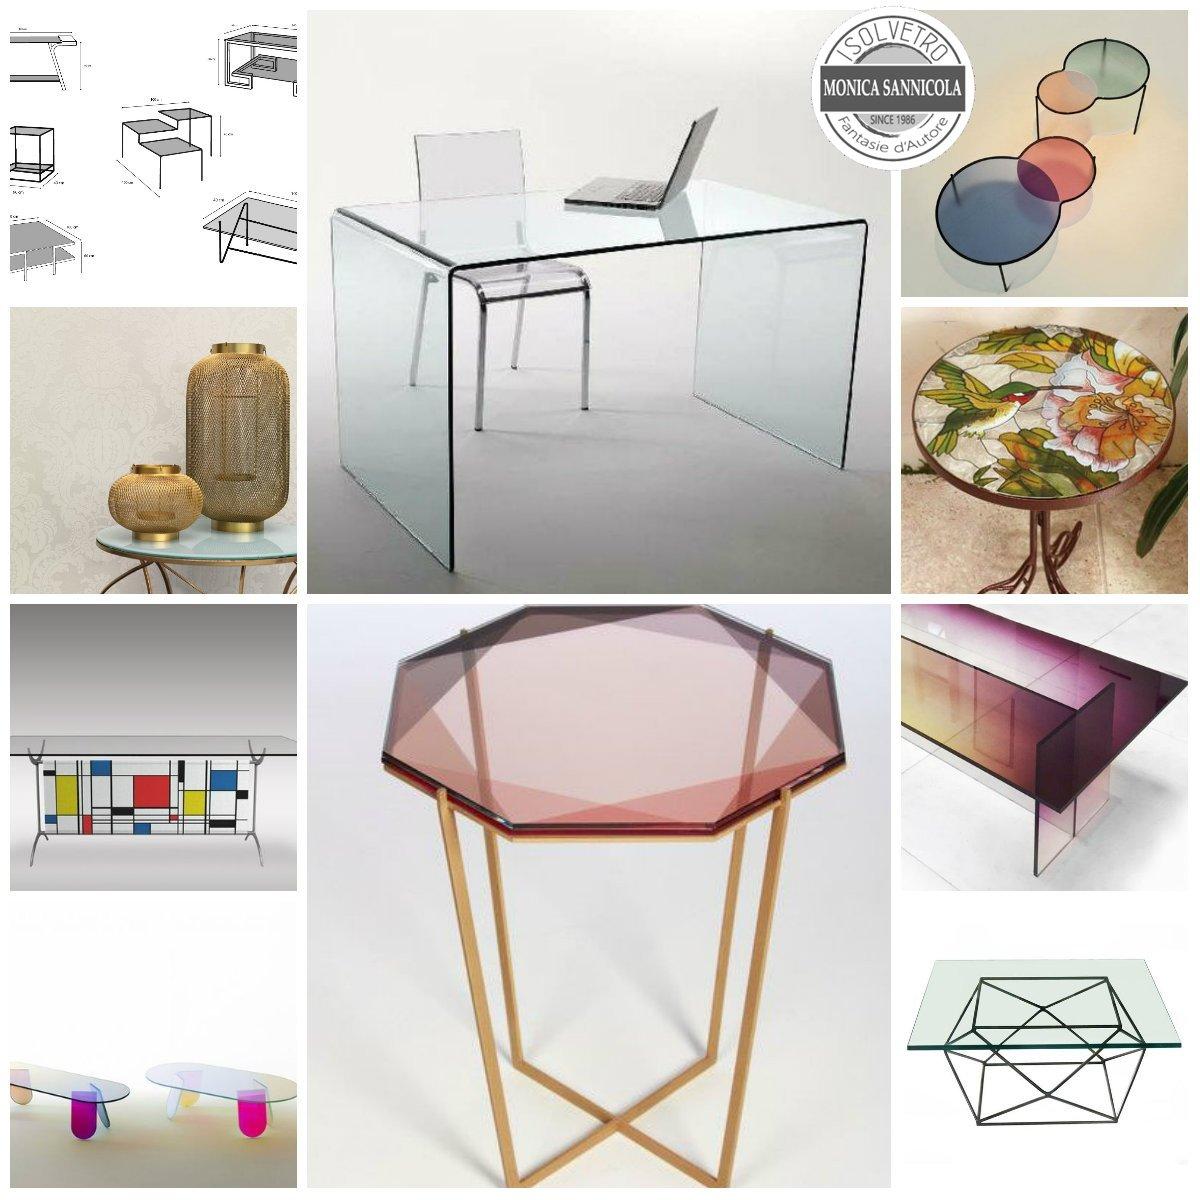 tavoli in vetro di vari colori e forme